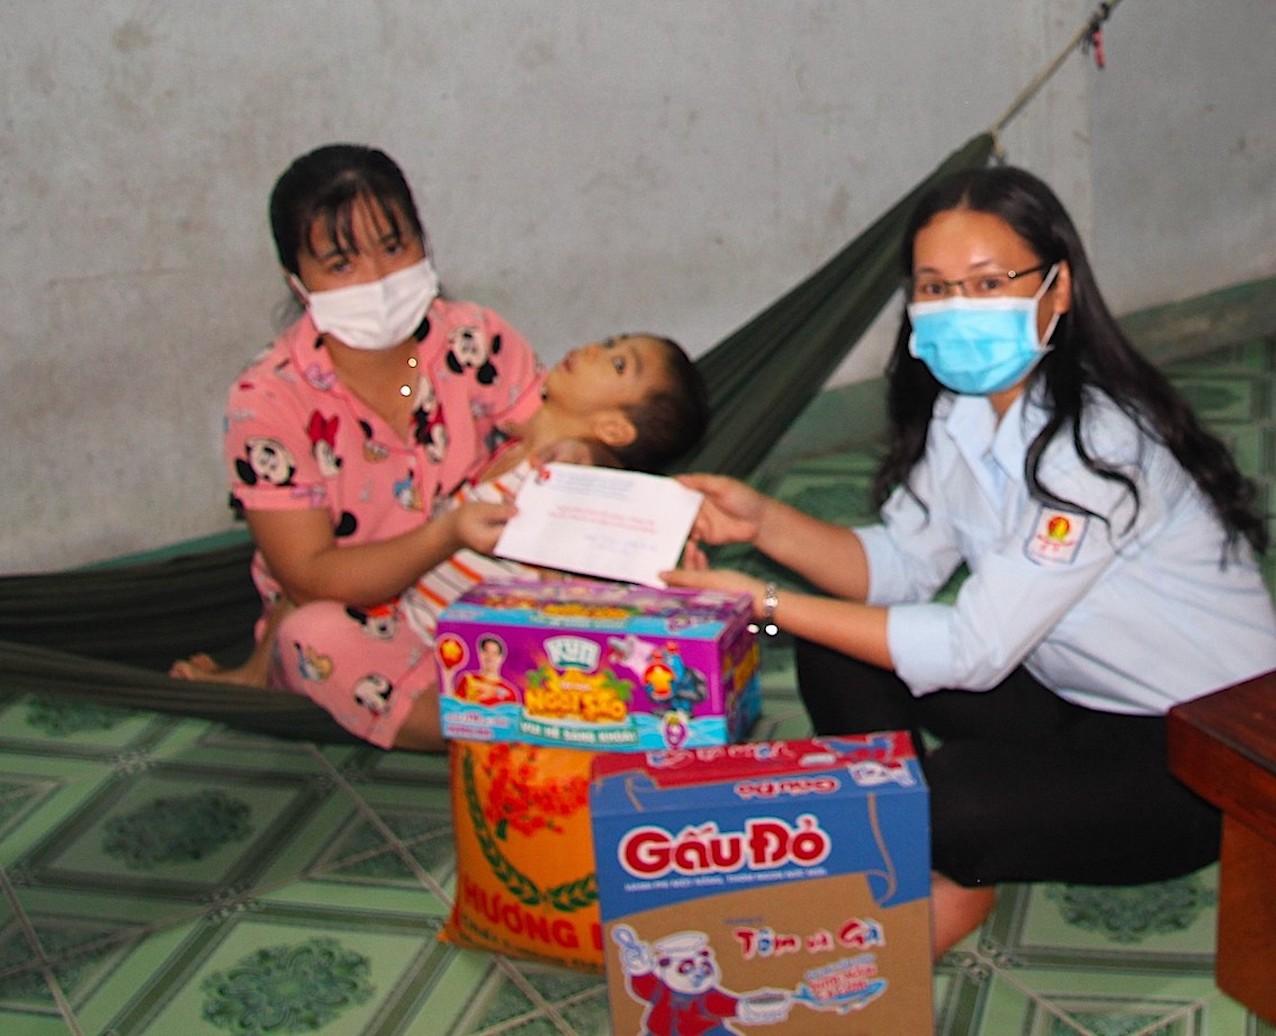 Đến thăm và tặng quà cho gia đình em Đỗ Thành Long bị bại não ở ấp 5, xã Minh Thành (H. Chơn Thành), mọi người không khỏi xúc động khi chứng kiến những vất vả của mẹ Long khi chăm sóc cho em